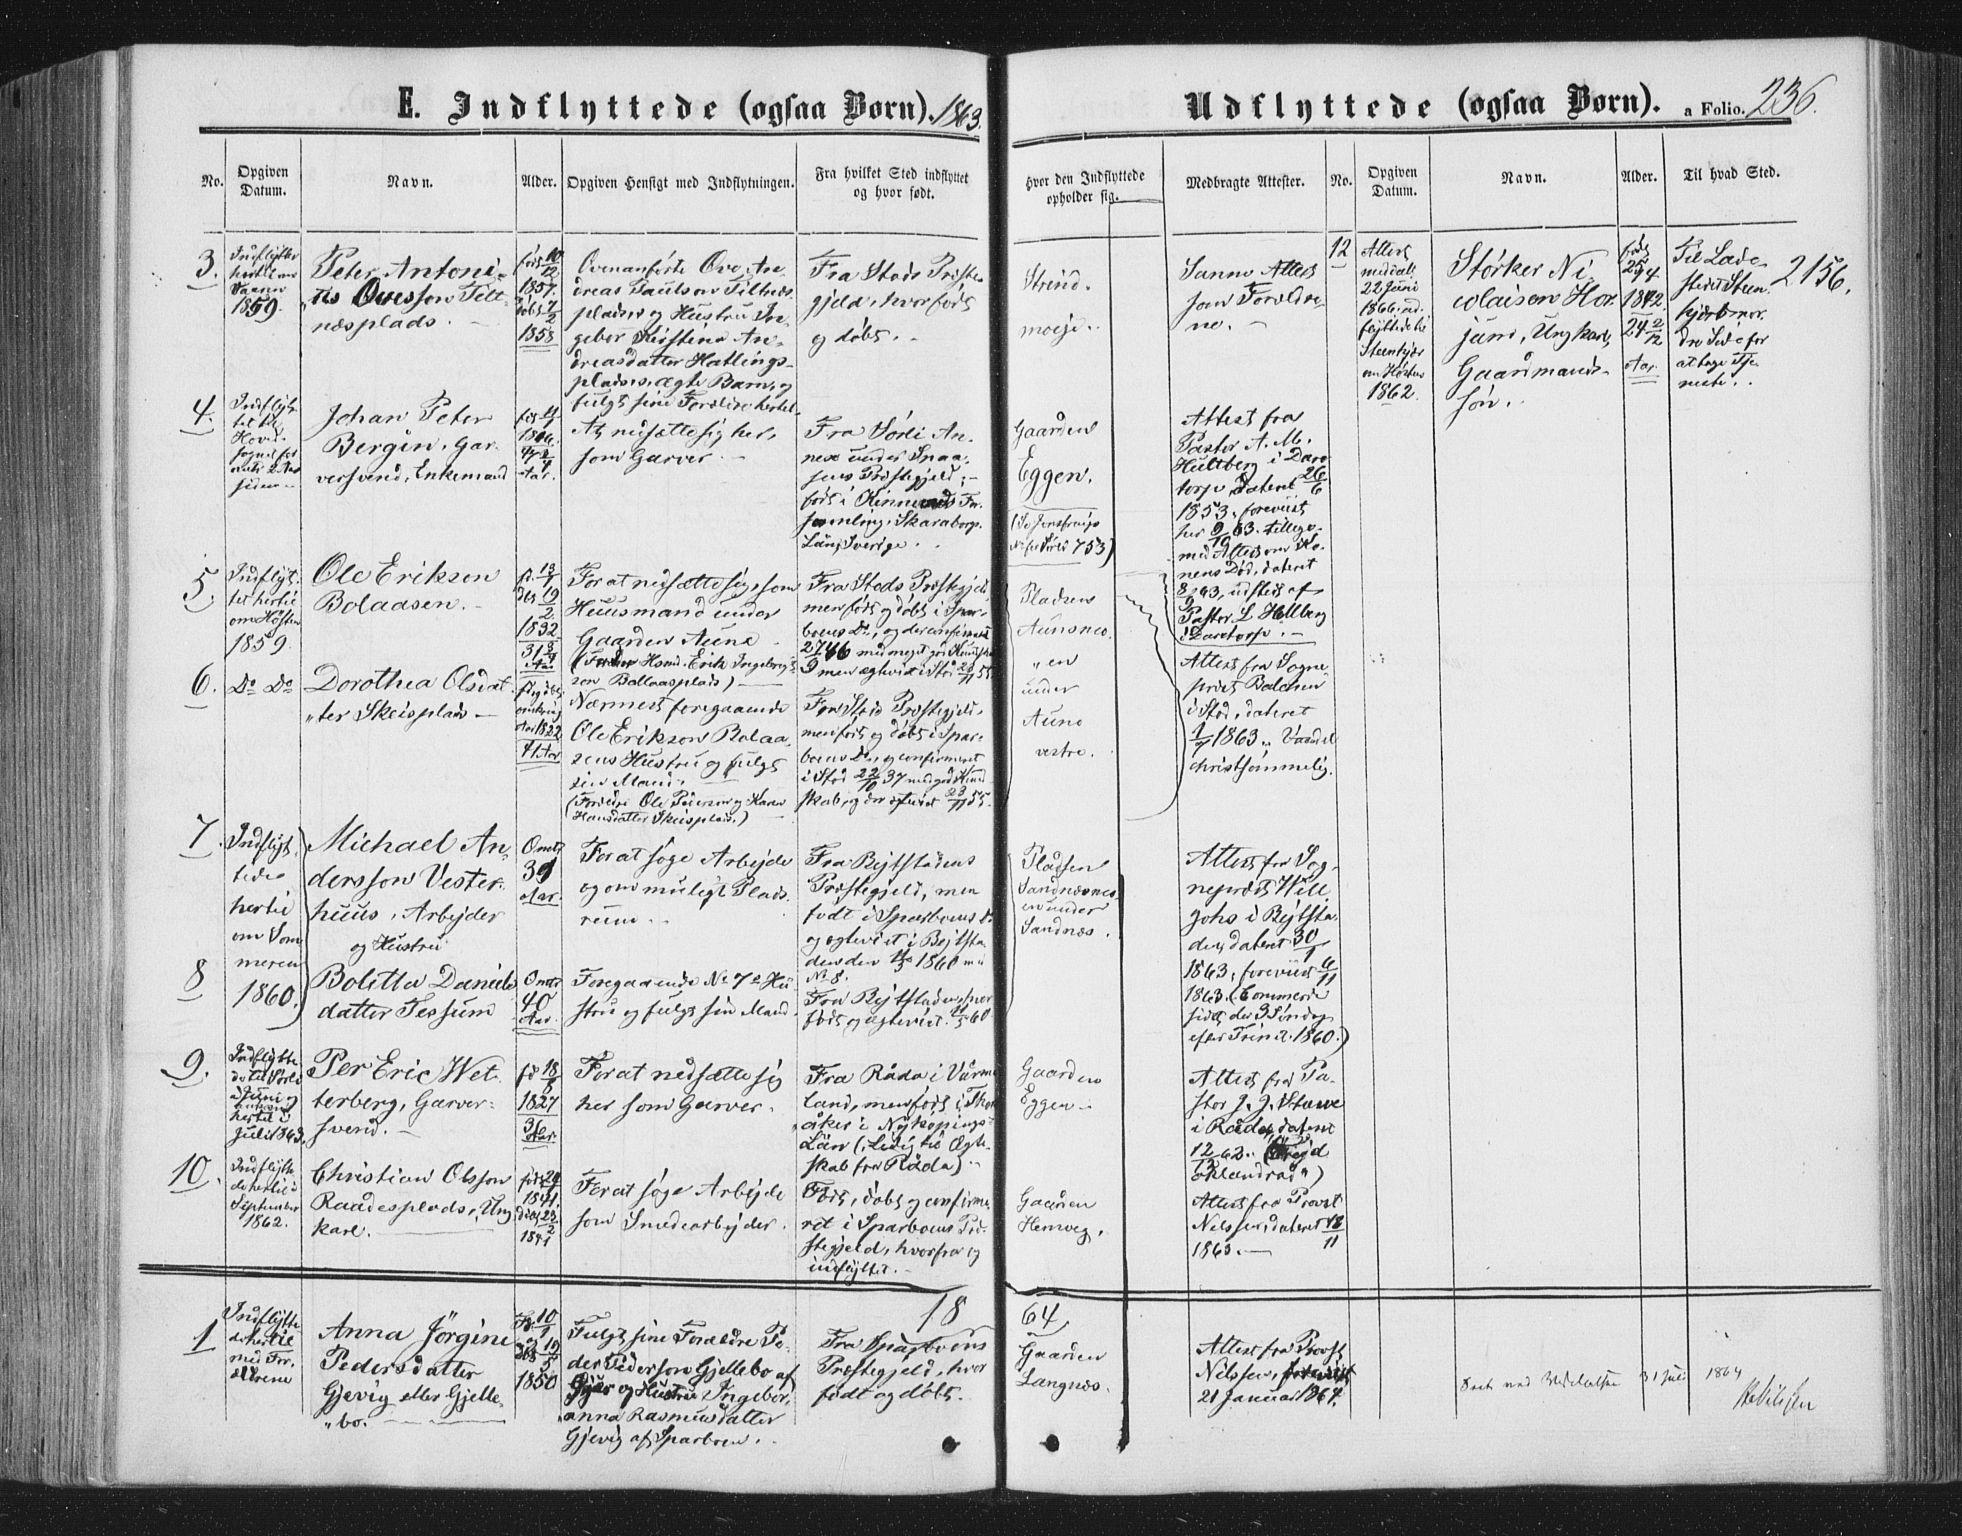 SAT, Ministerialprotokoller, klokkerbøker og fødselsregistre - Nord-Trøndelag, 749/L0472: Ministerialbok nr. 749A06, 1857-1873, s. 236